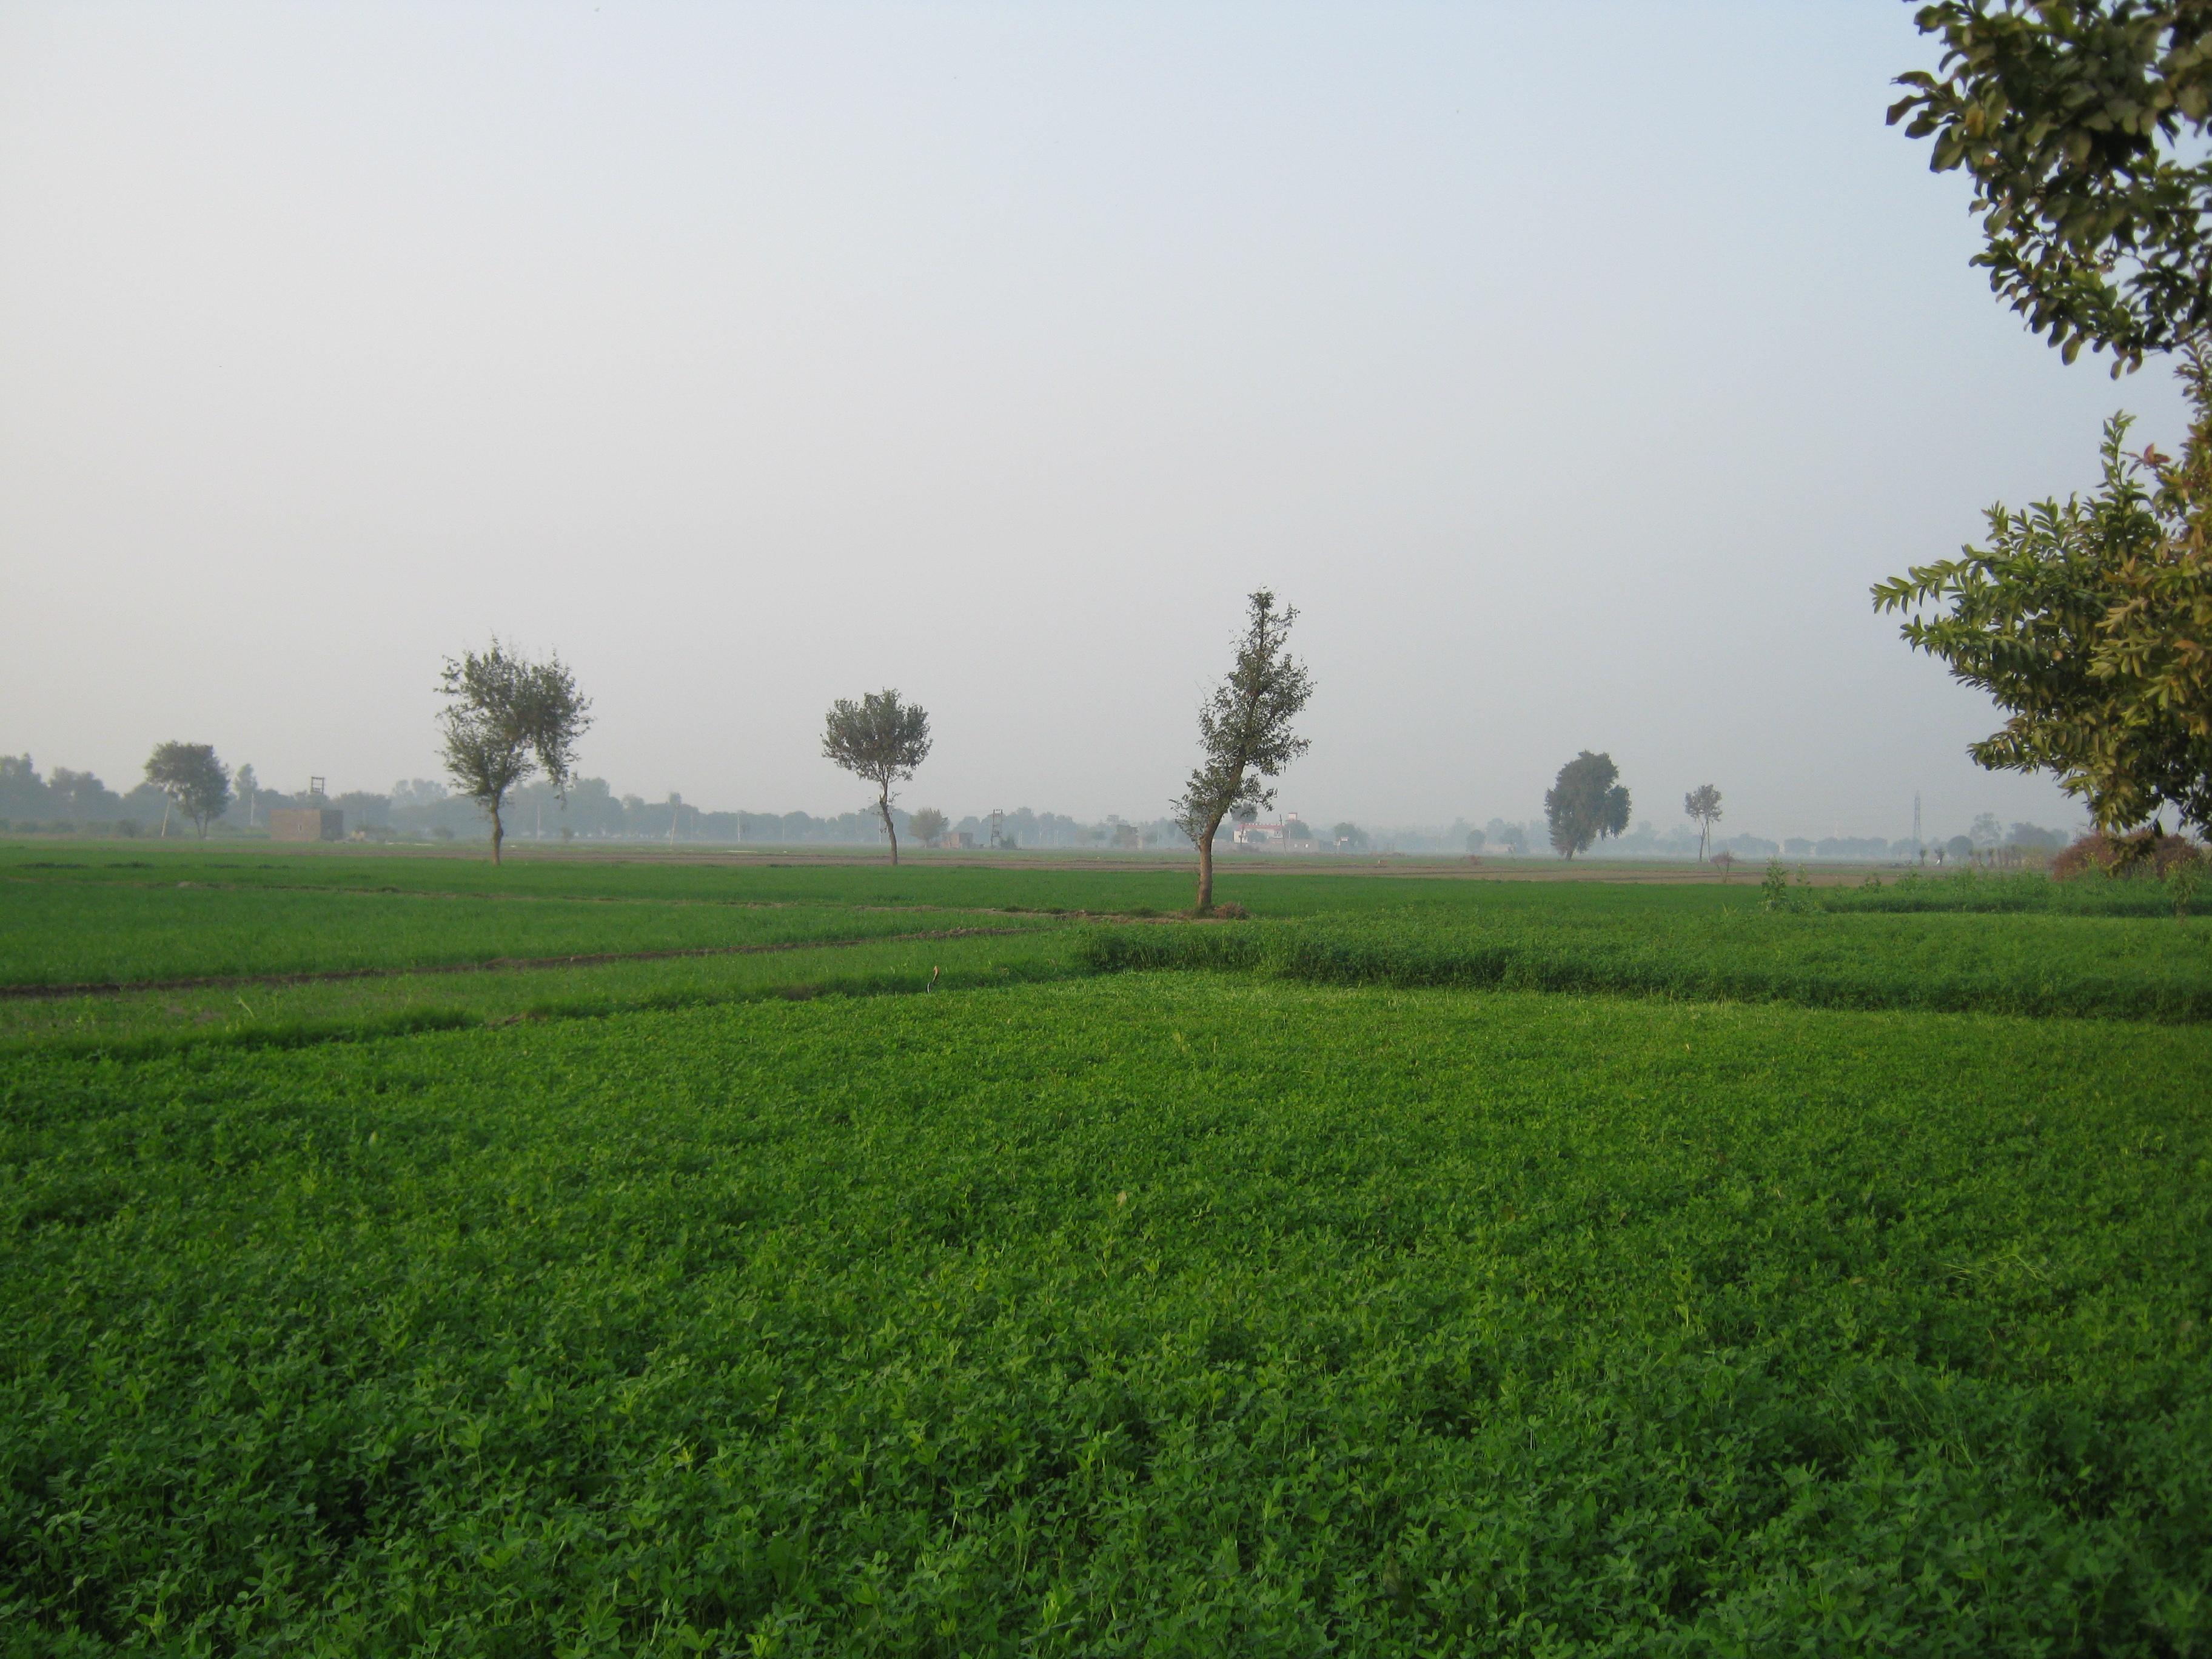 Haryana | Familypedia | FANDOM powered by Wikia